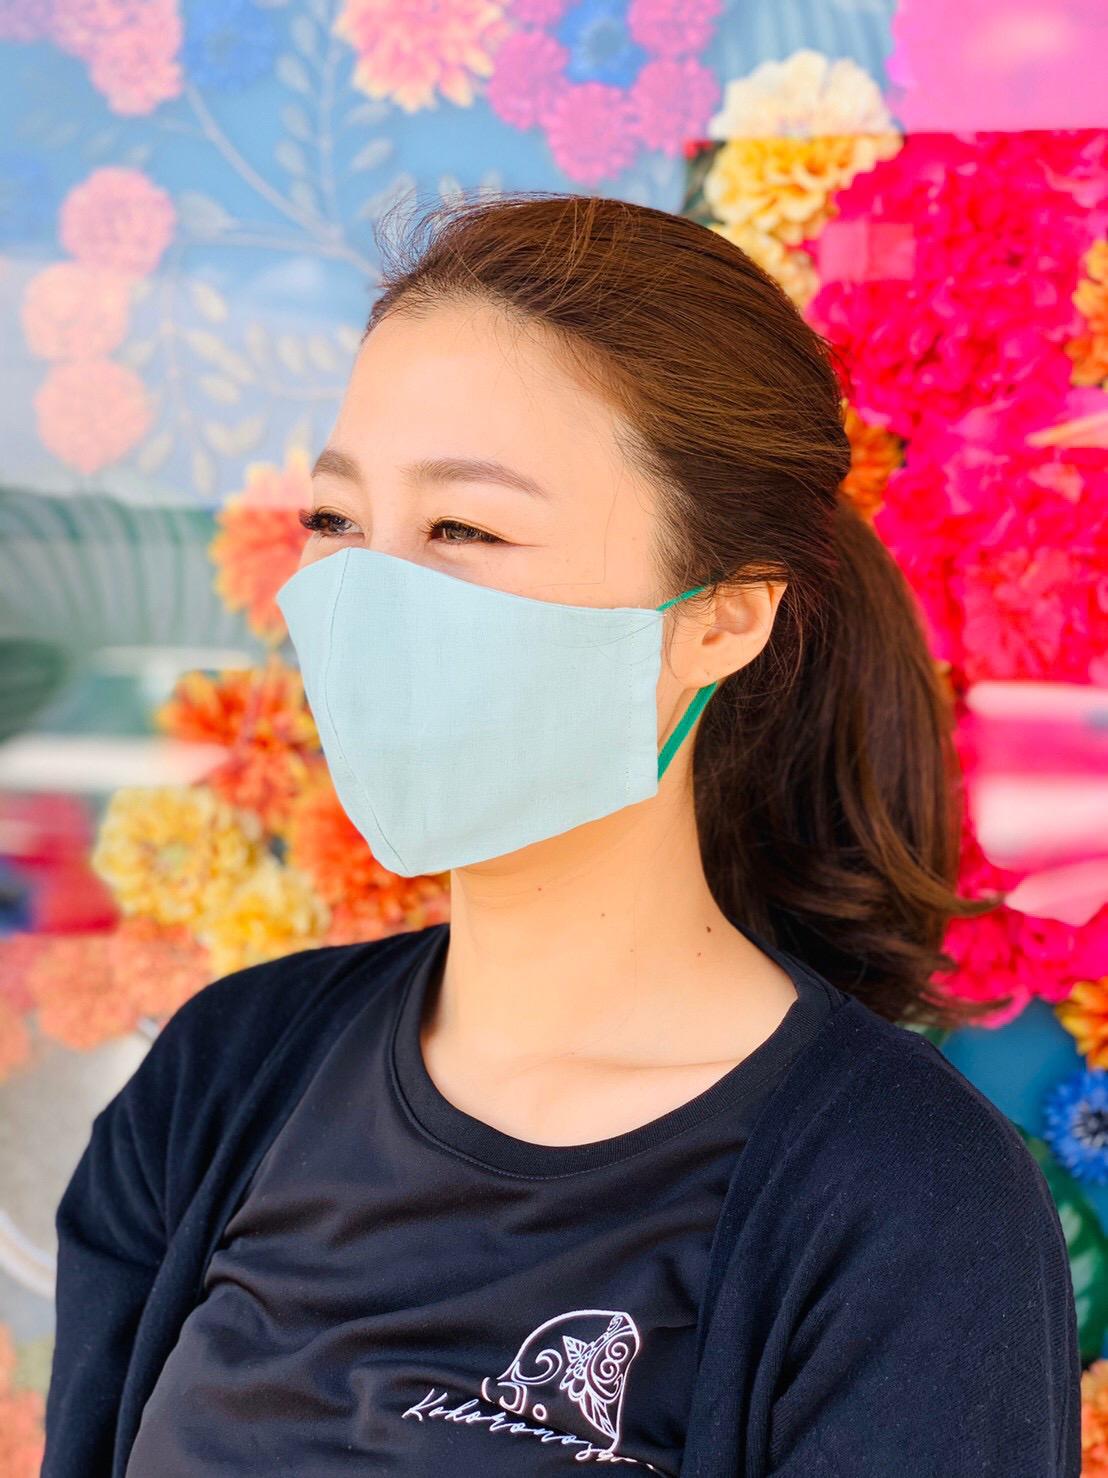 【納期10日以内】国産ダブルガーゼ不織布フィルターポケット付き立体マスク(ノーズワイヤーなし)グリーン画像